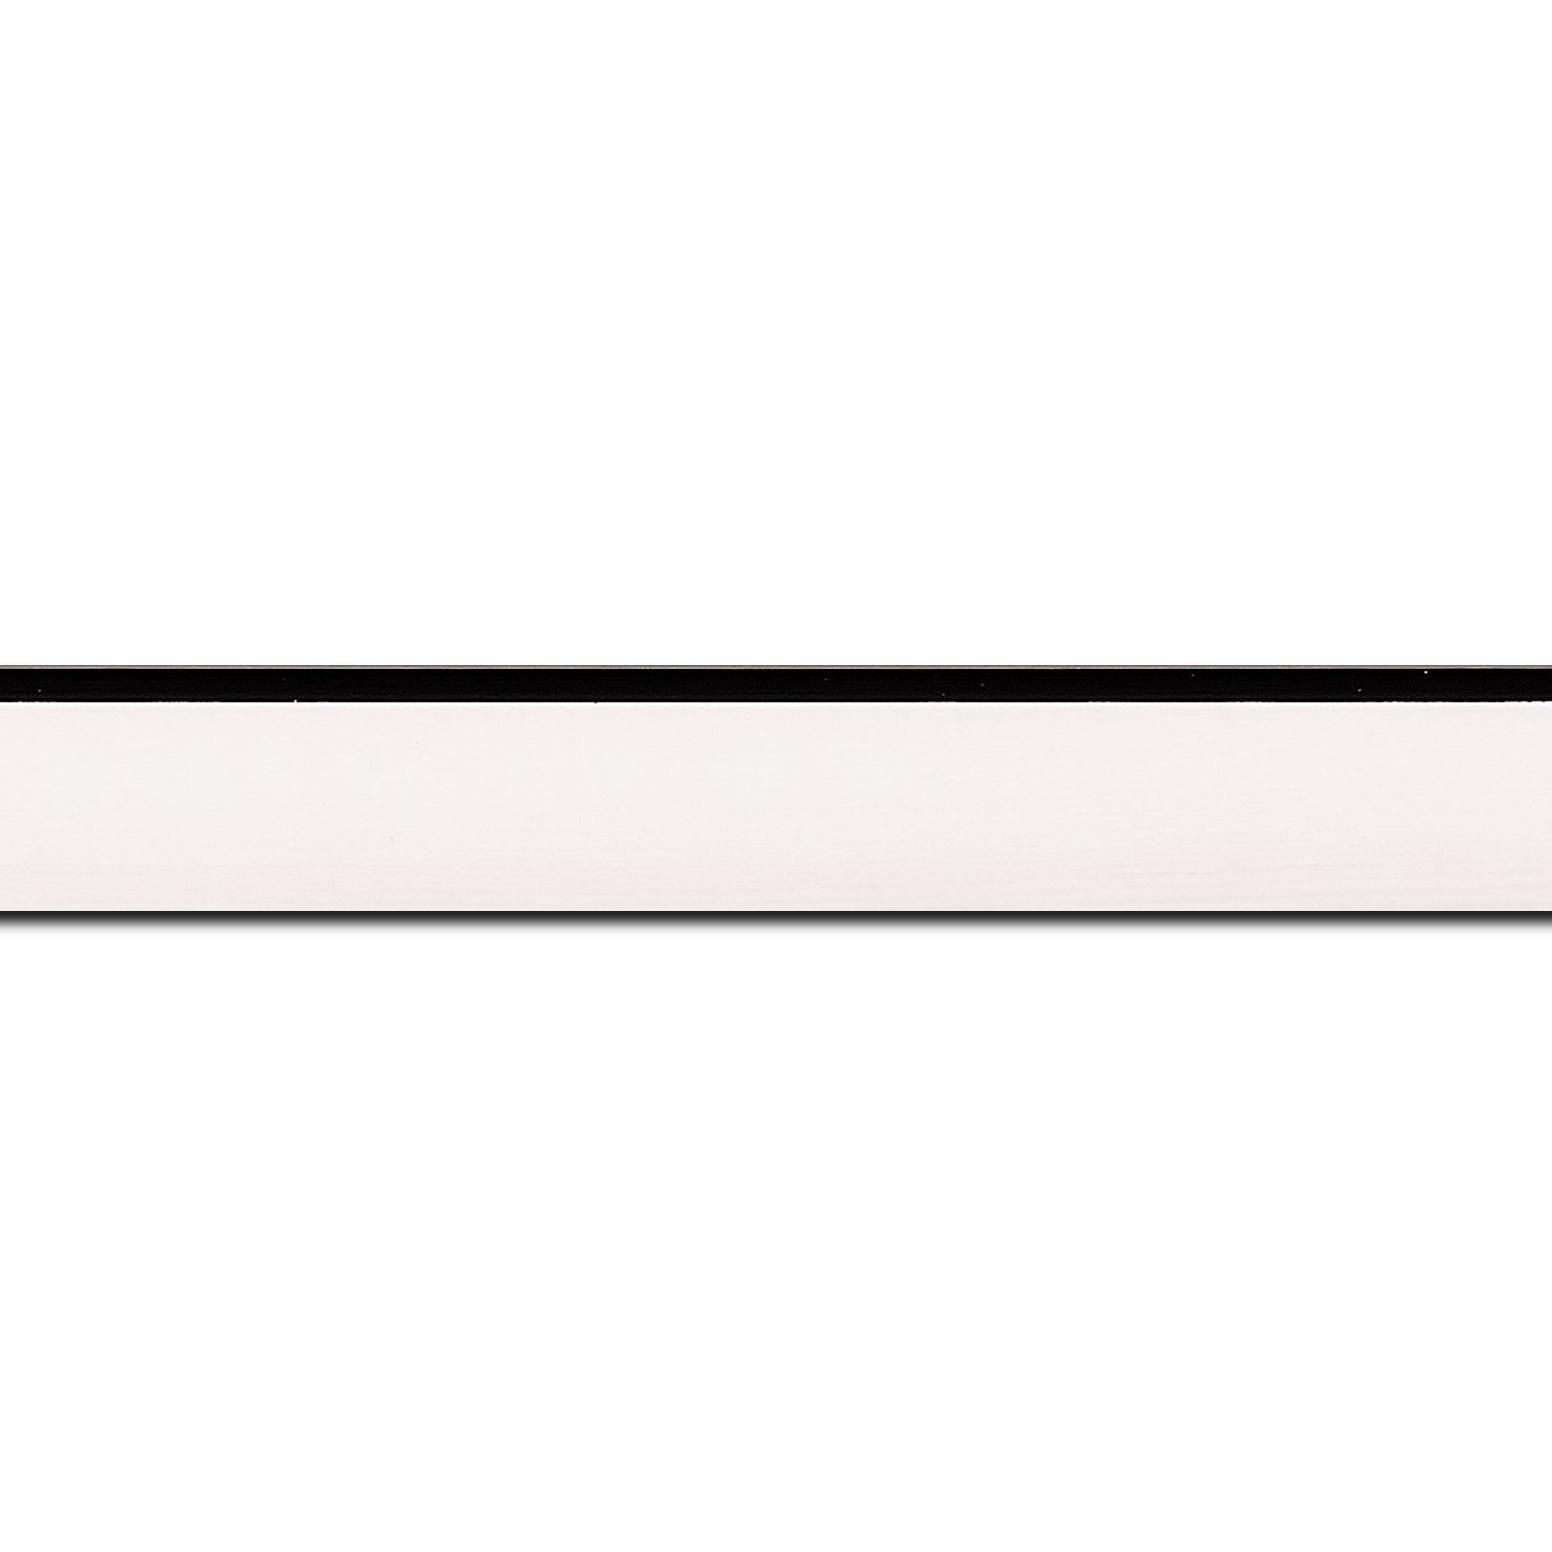 Baguette longueur 1.40m bois profil arrondi en pente plongeant largeur 2.4cm couleur crème satiné,veine du bois  apparent (pin) , angle du cadre extérieur filet noir